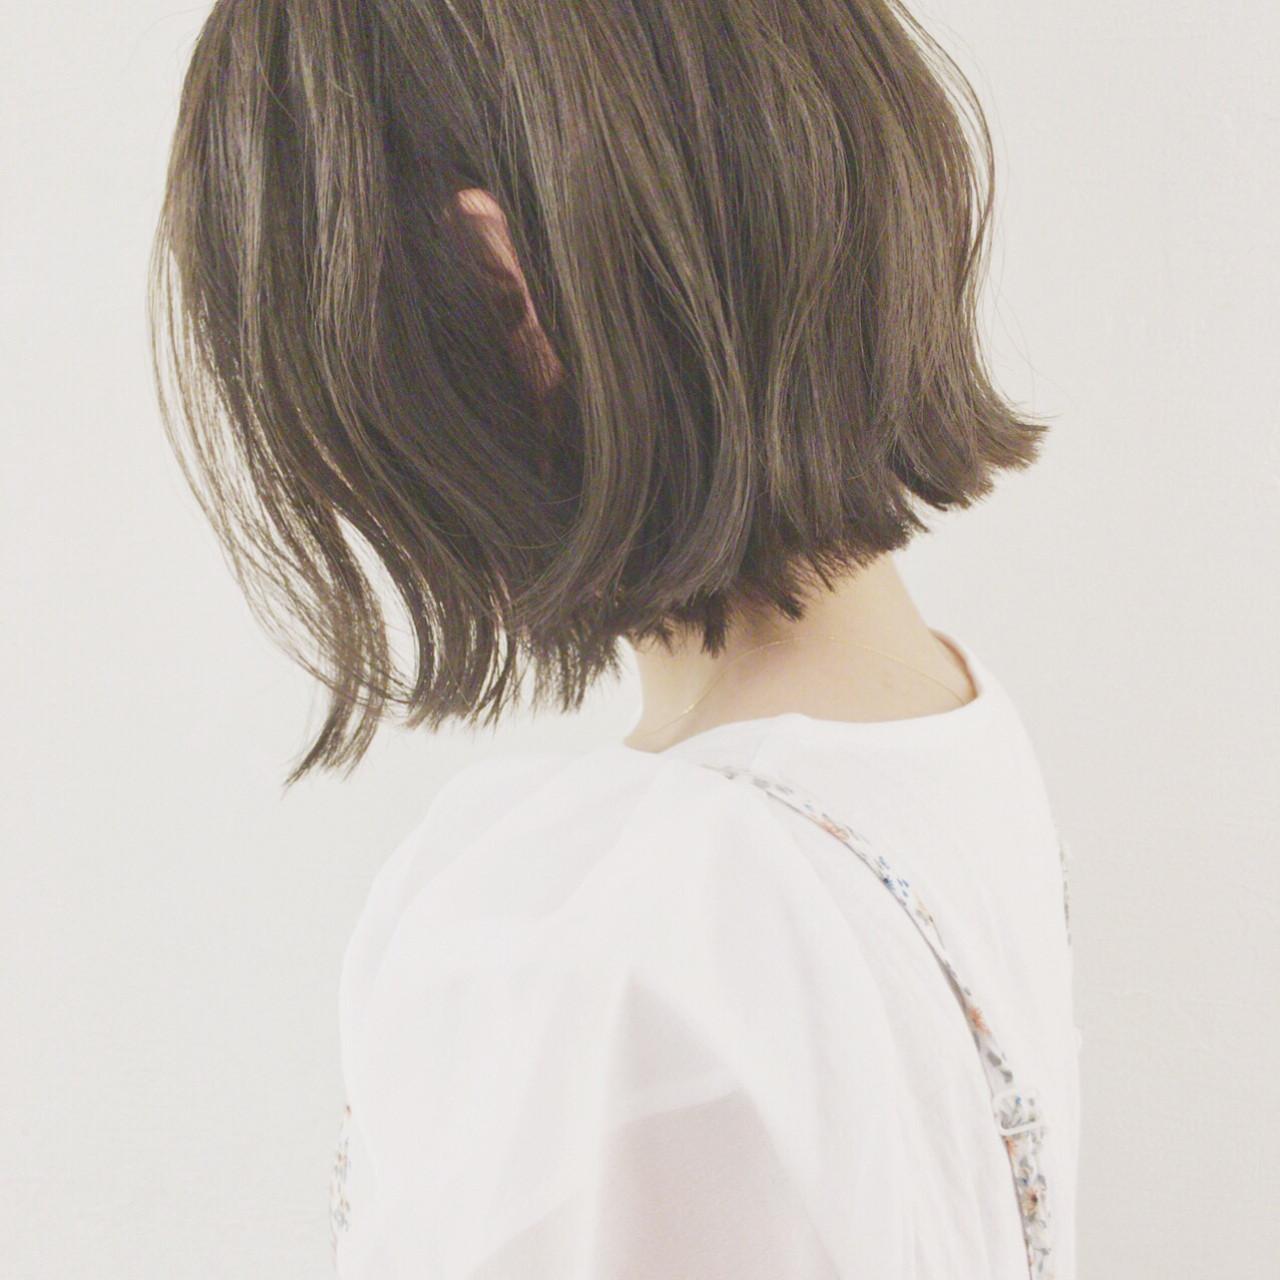 デート ショートボブ ボブ ウェーブ ヘアスタイルや髪型の写真・画像 | 津村正和/大阪心斎橋 / freelance